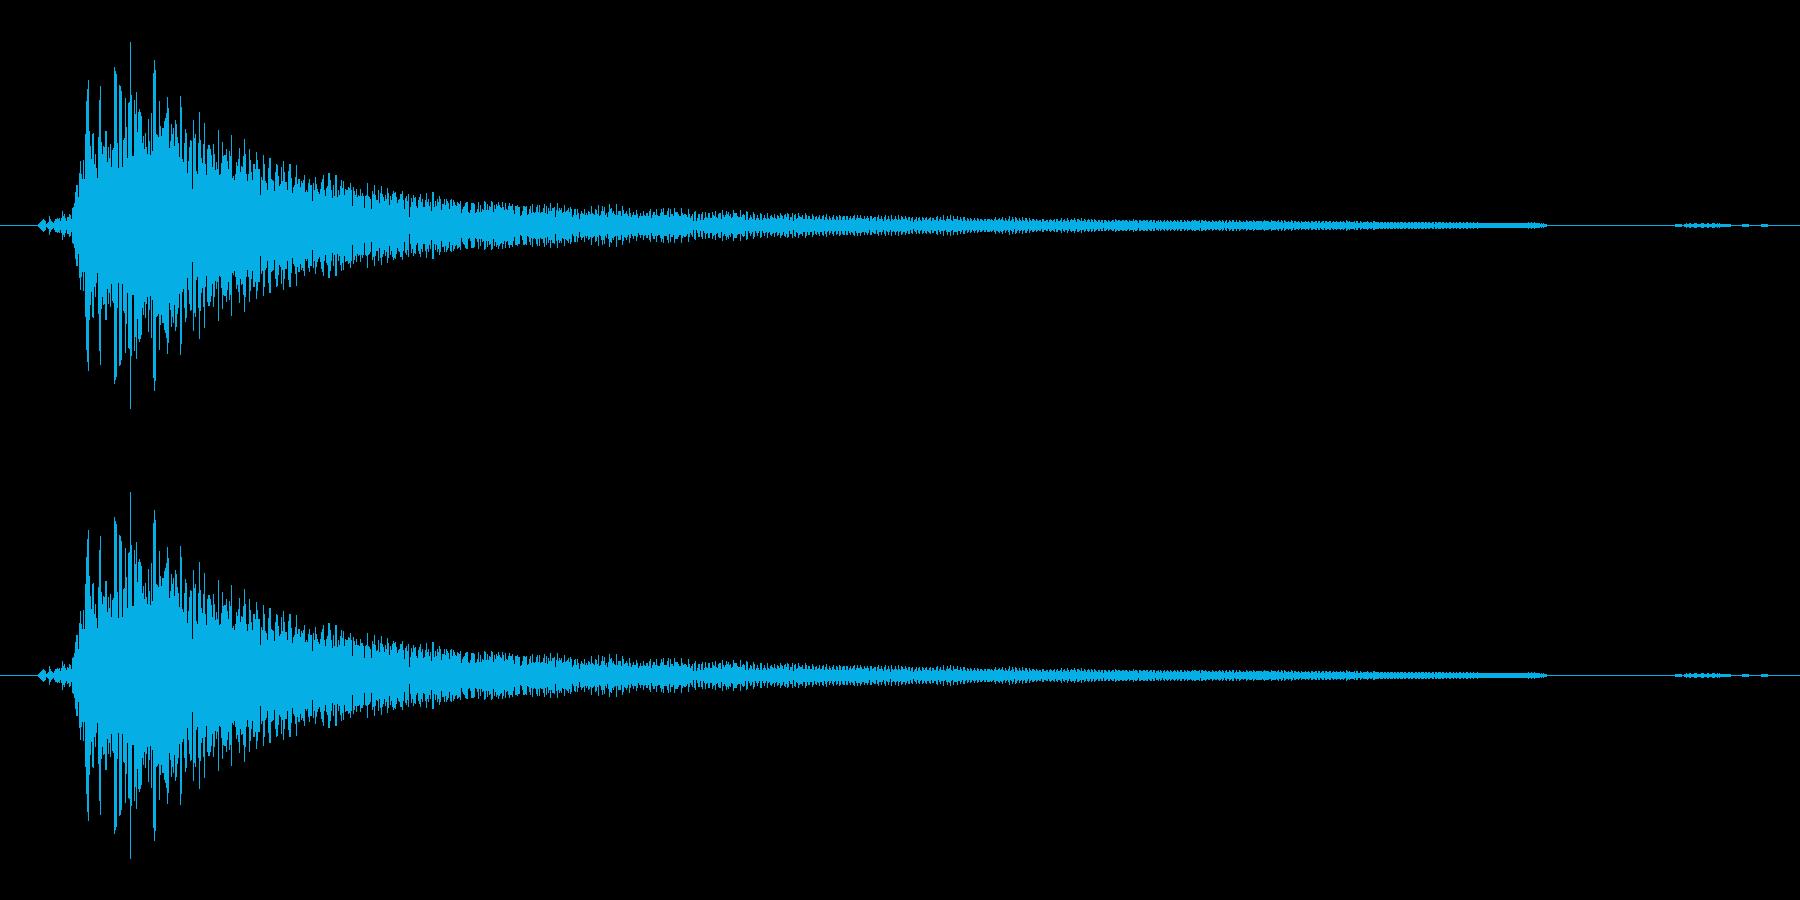 アコギ不協和音(適当に抑えて弾いた音)の再生済みの波形